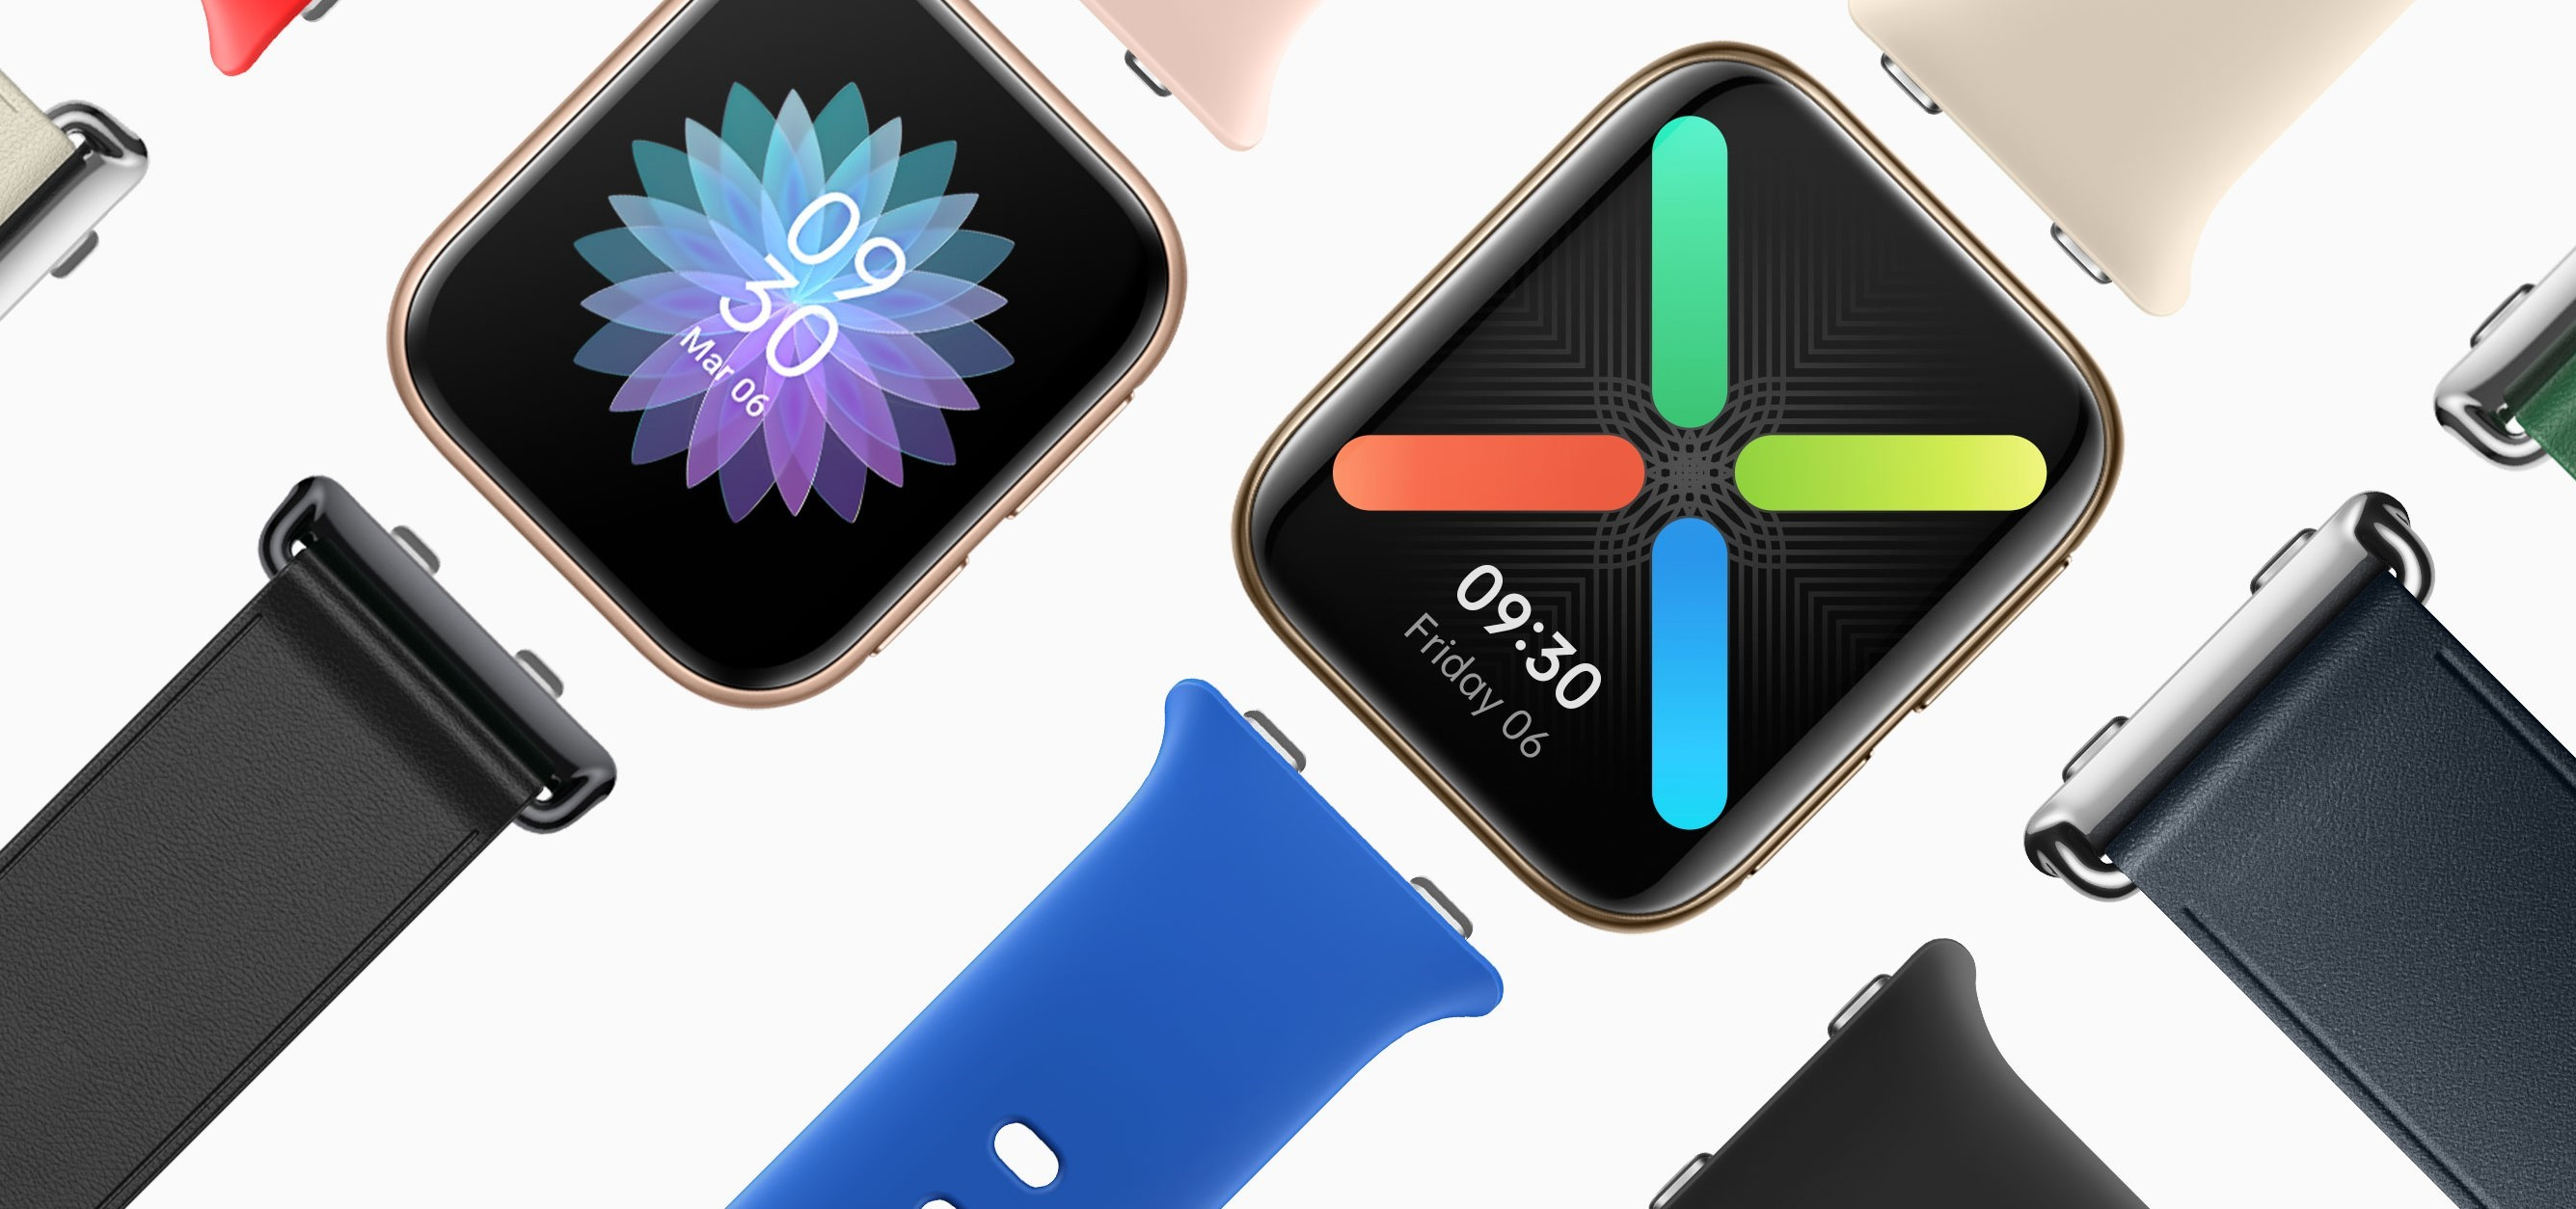 Powraca temat smartwatcha OnePlusa. Przyszedł czas na zegarek?